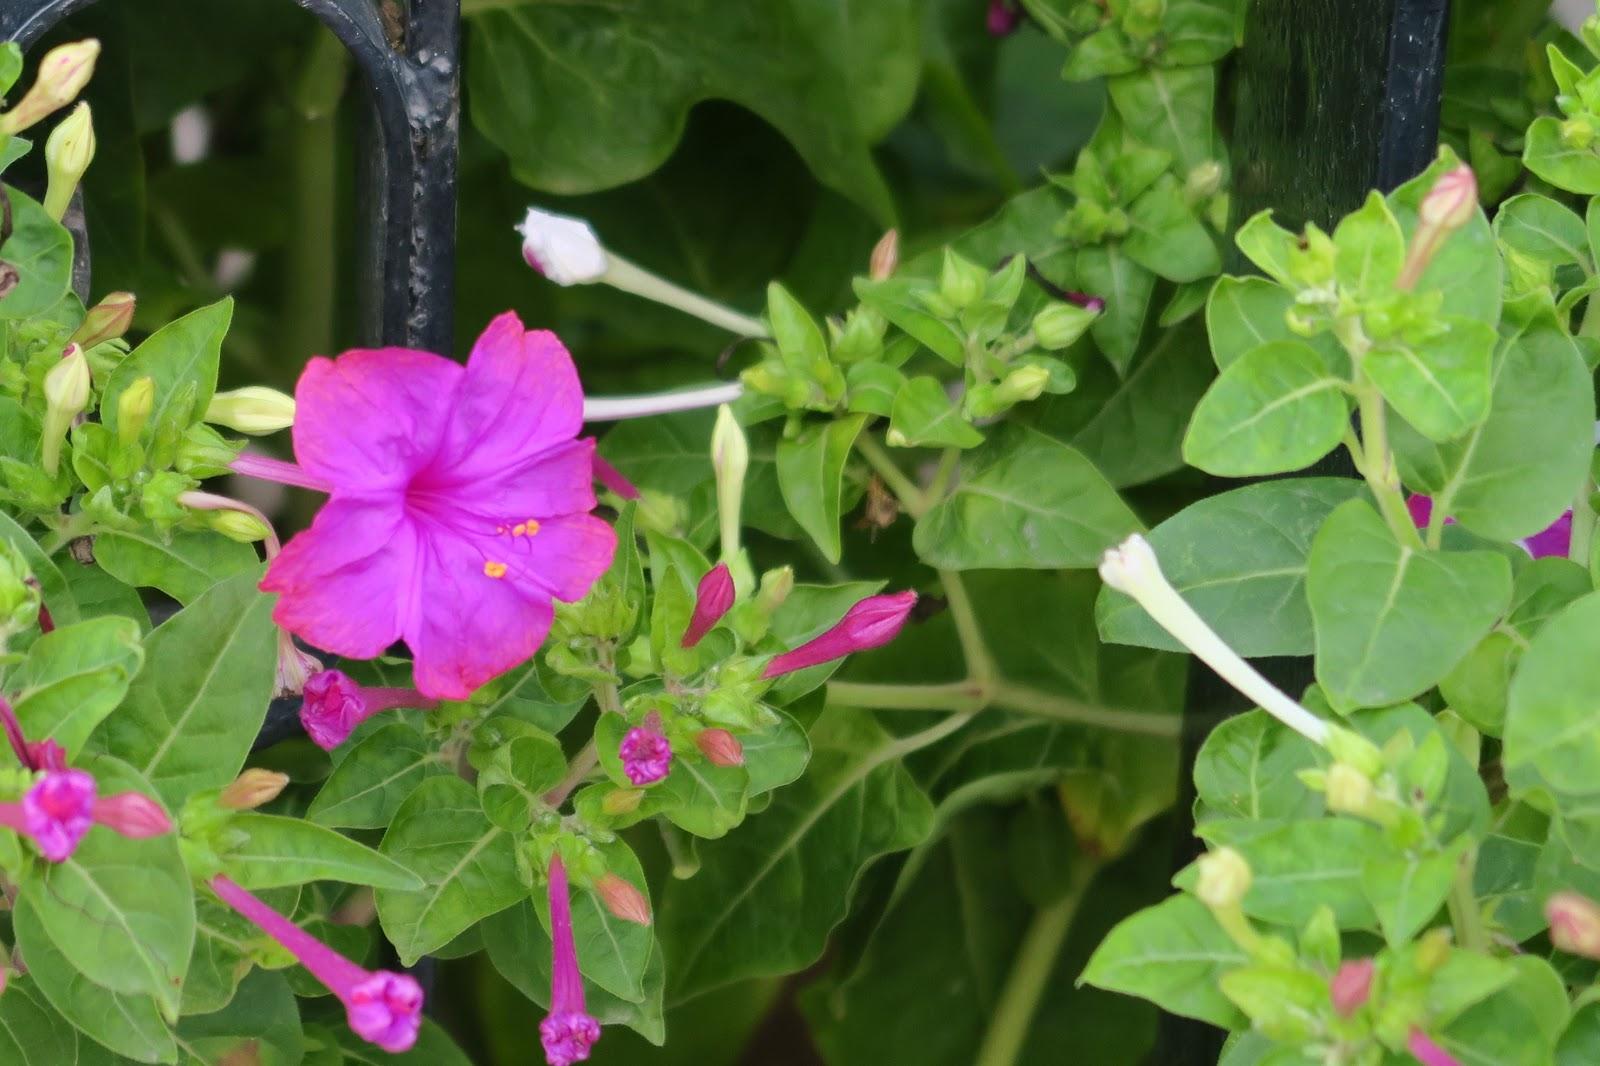 La bella di notte umile ma mirabile sarda news l for Arbusto dai fiori rosa e bianchi